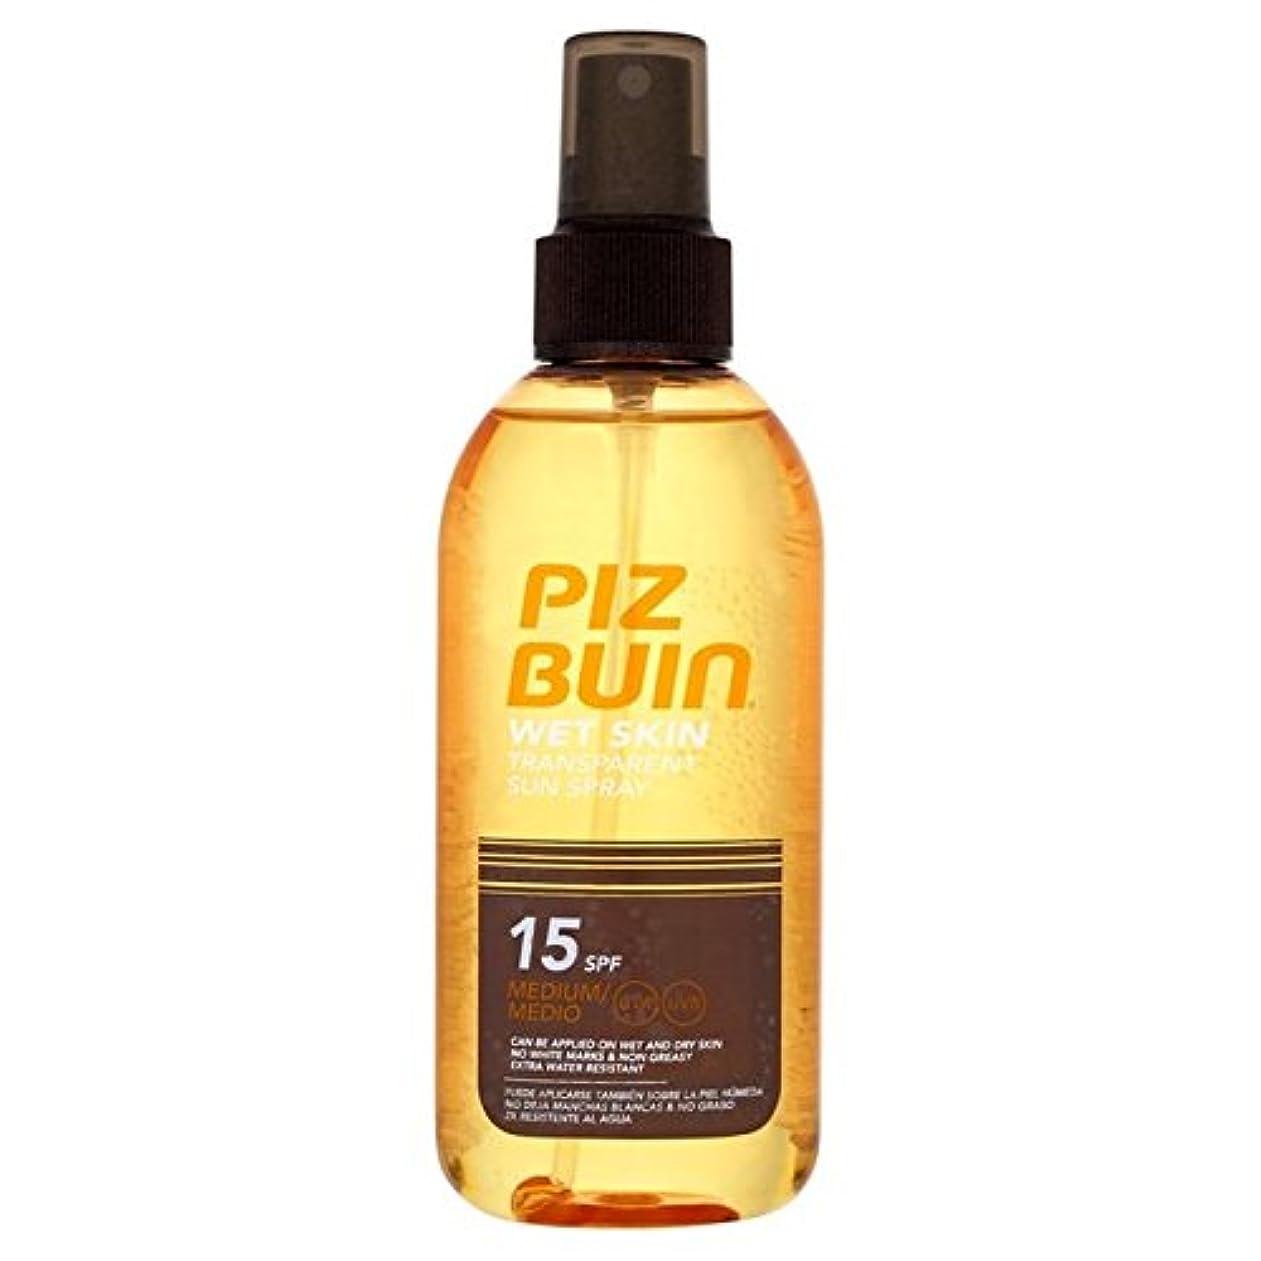 で時々時々チャップPiz Buin Wet Transparent Skin SPF15 150ml (Pack of 6) - ピッツブーインの湿った透明肌15の150ミリリットル x6 [並行輸入品]